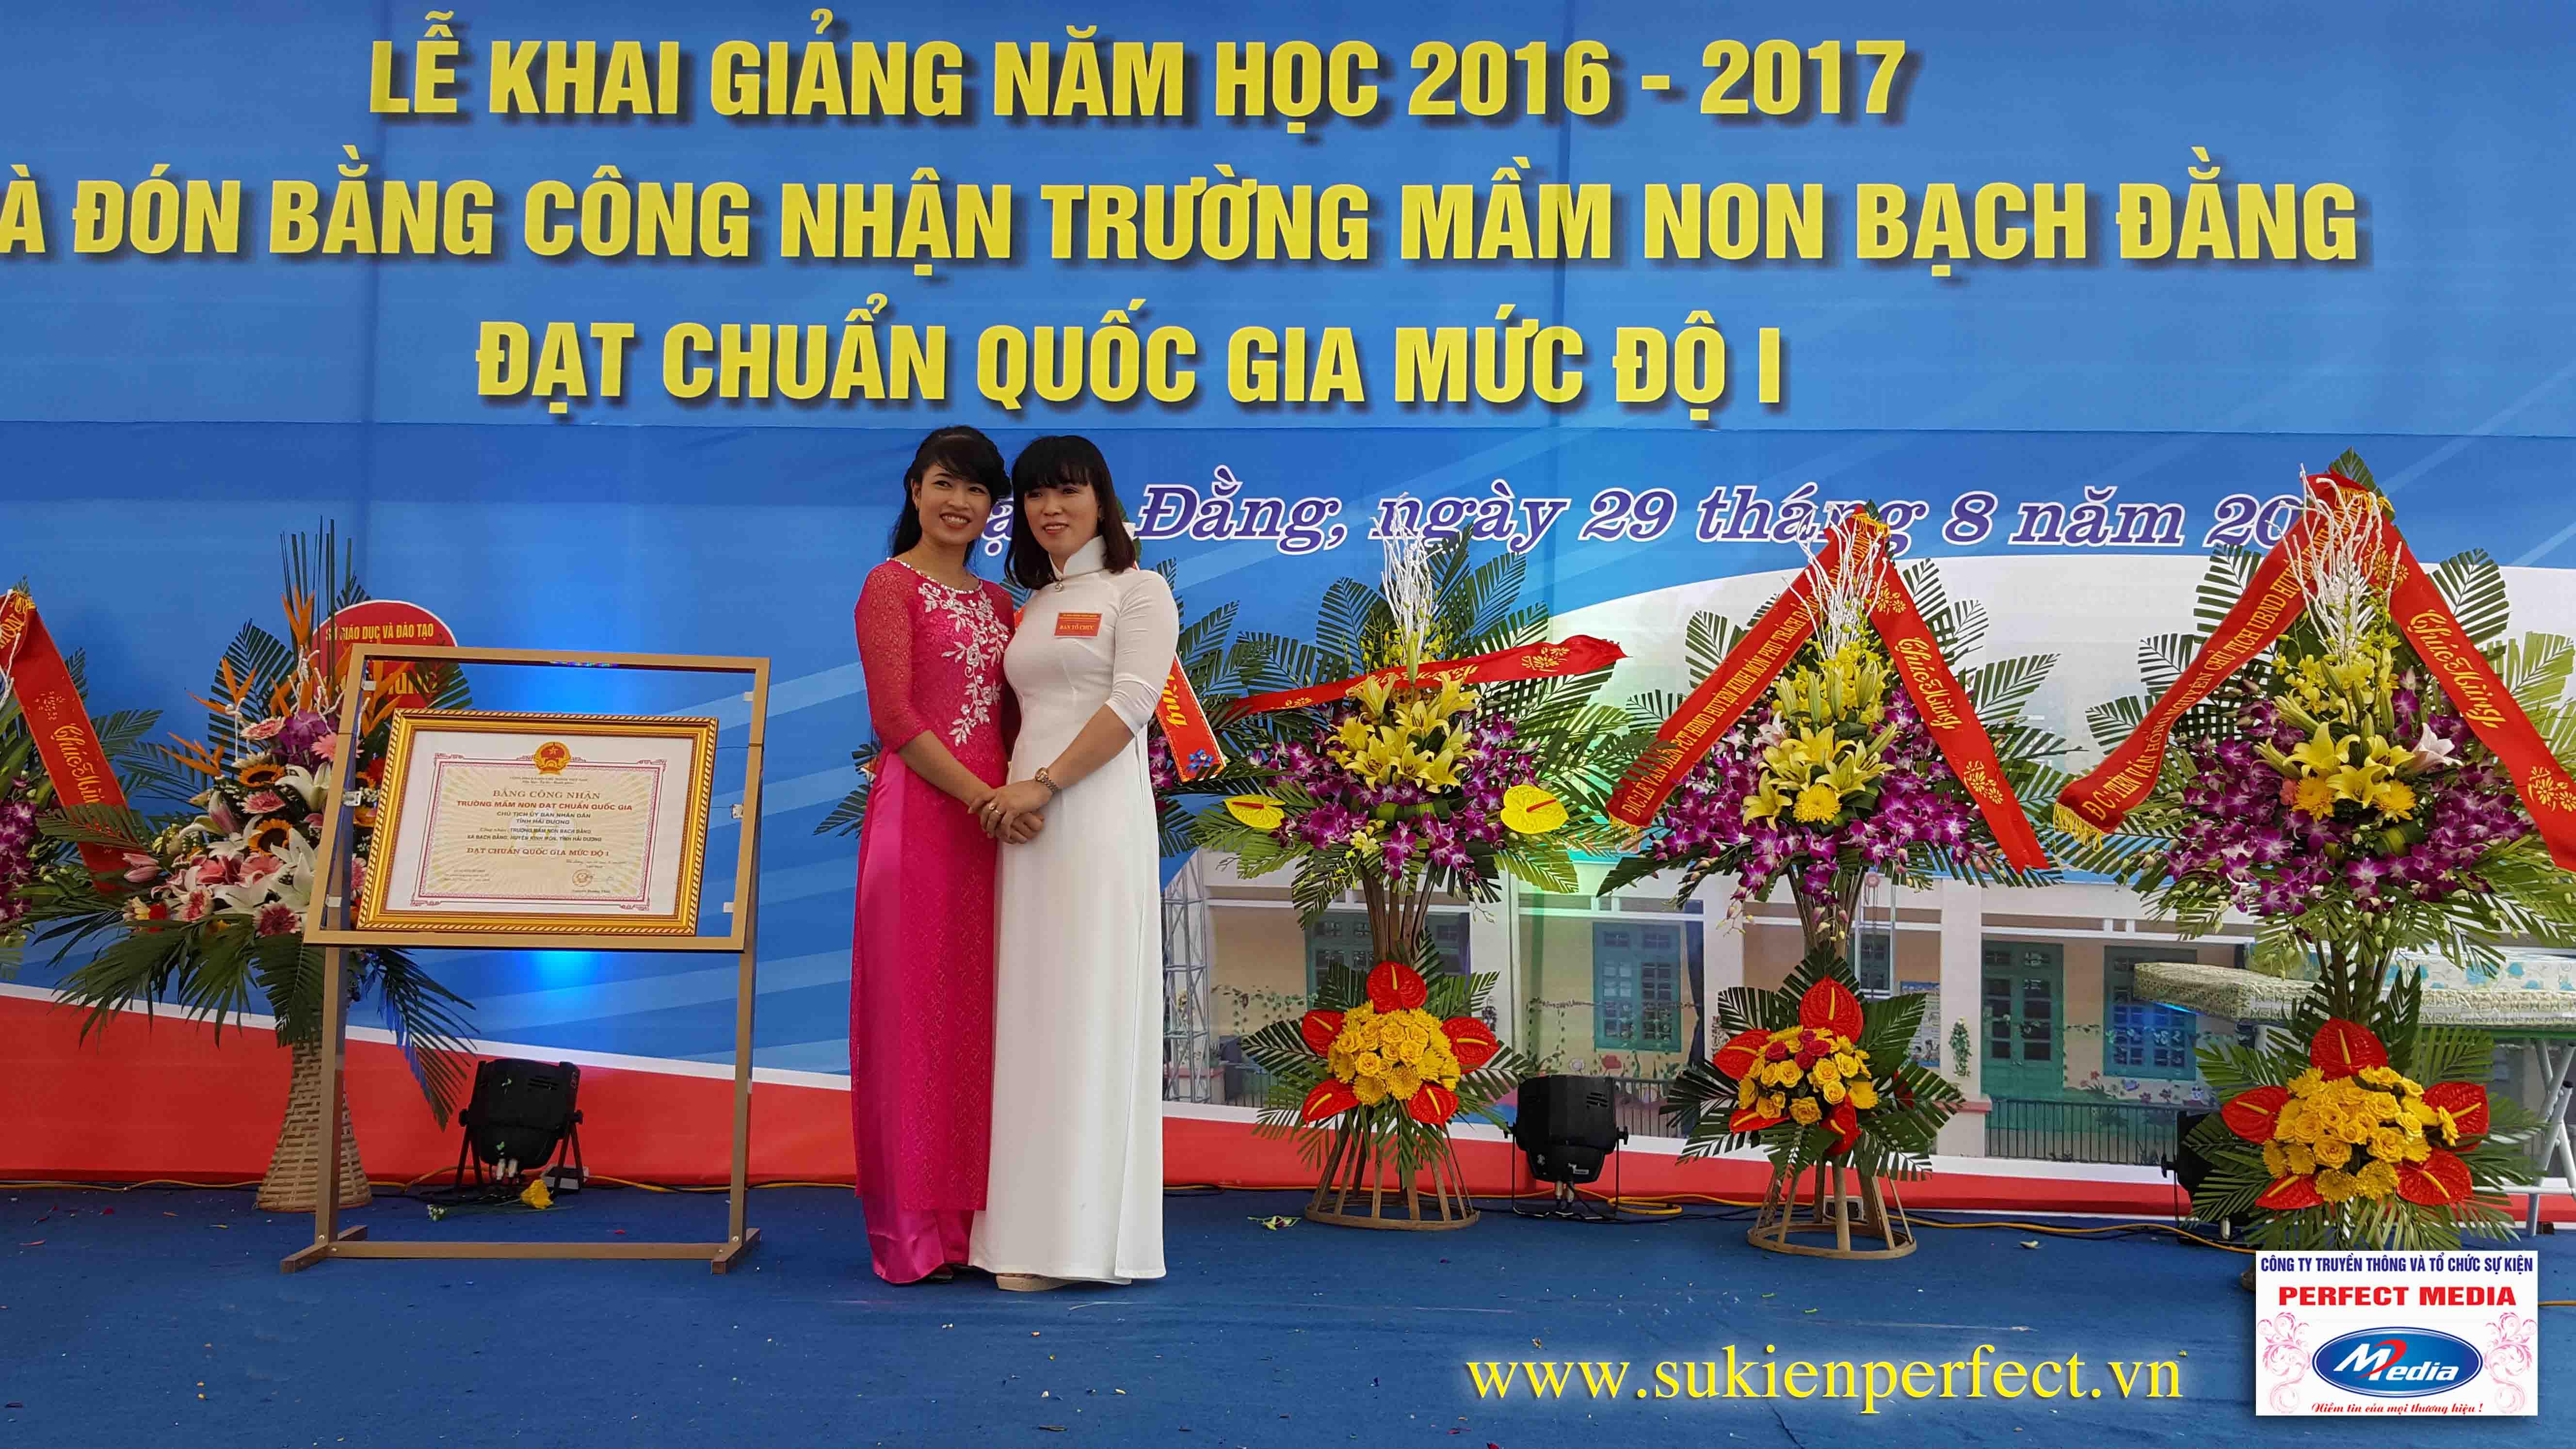 Lễ khai giảng năm học 2016 - 2017 của trường mầm non Bạch Đằng - Kinh Môn 10